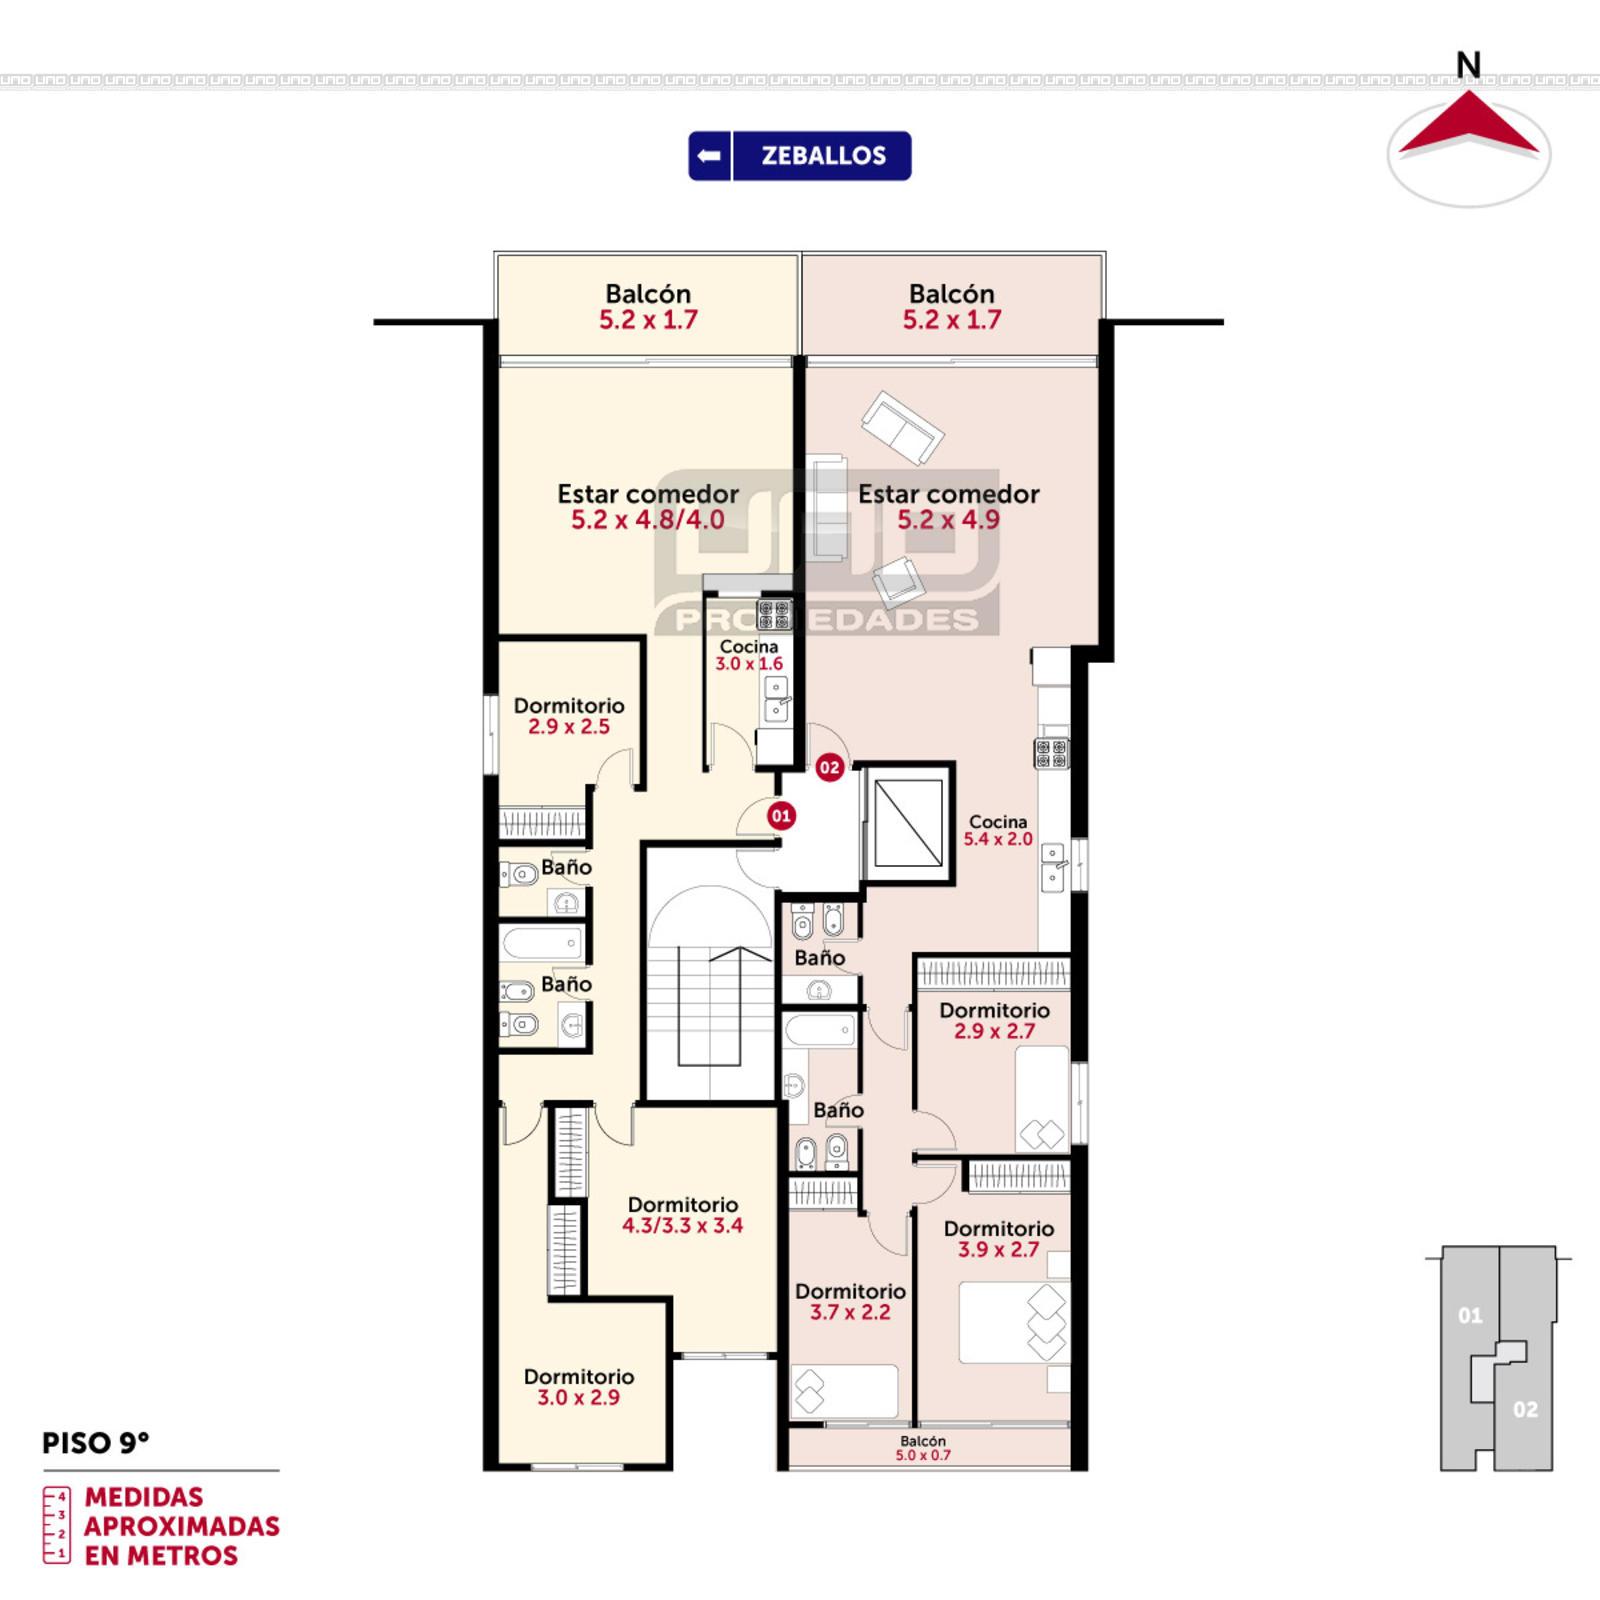 Venta departamento 2 3 dormitorios rosario zeballos y j for Dormitorio 12 metros cuadrados